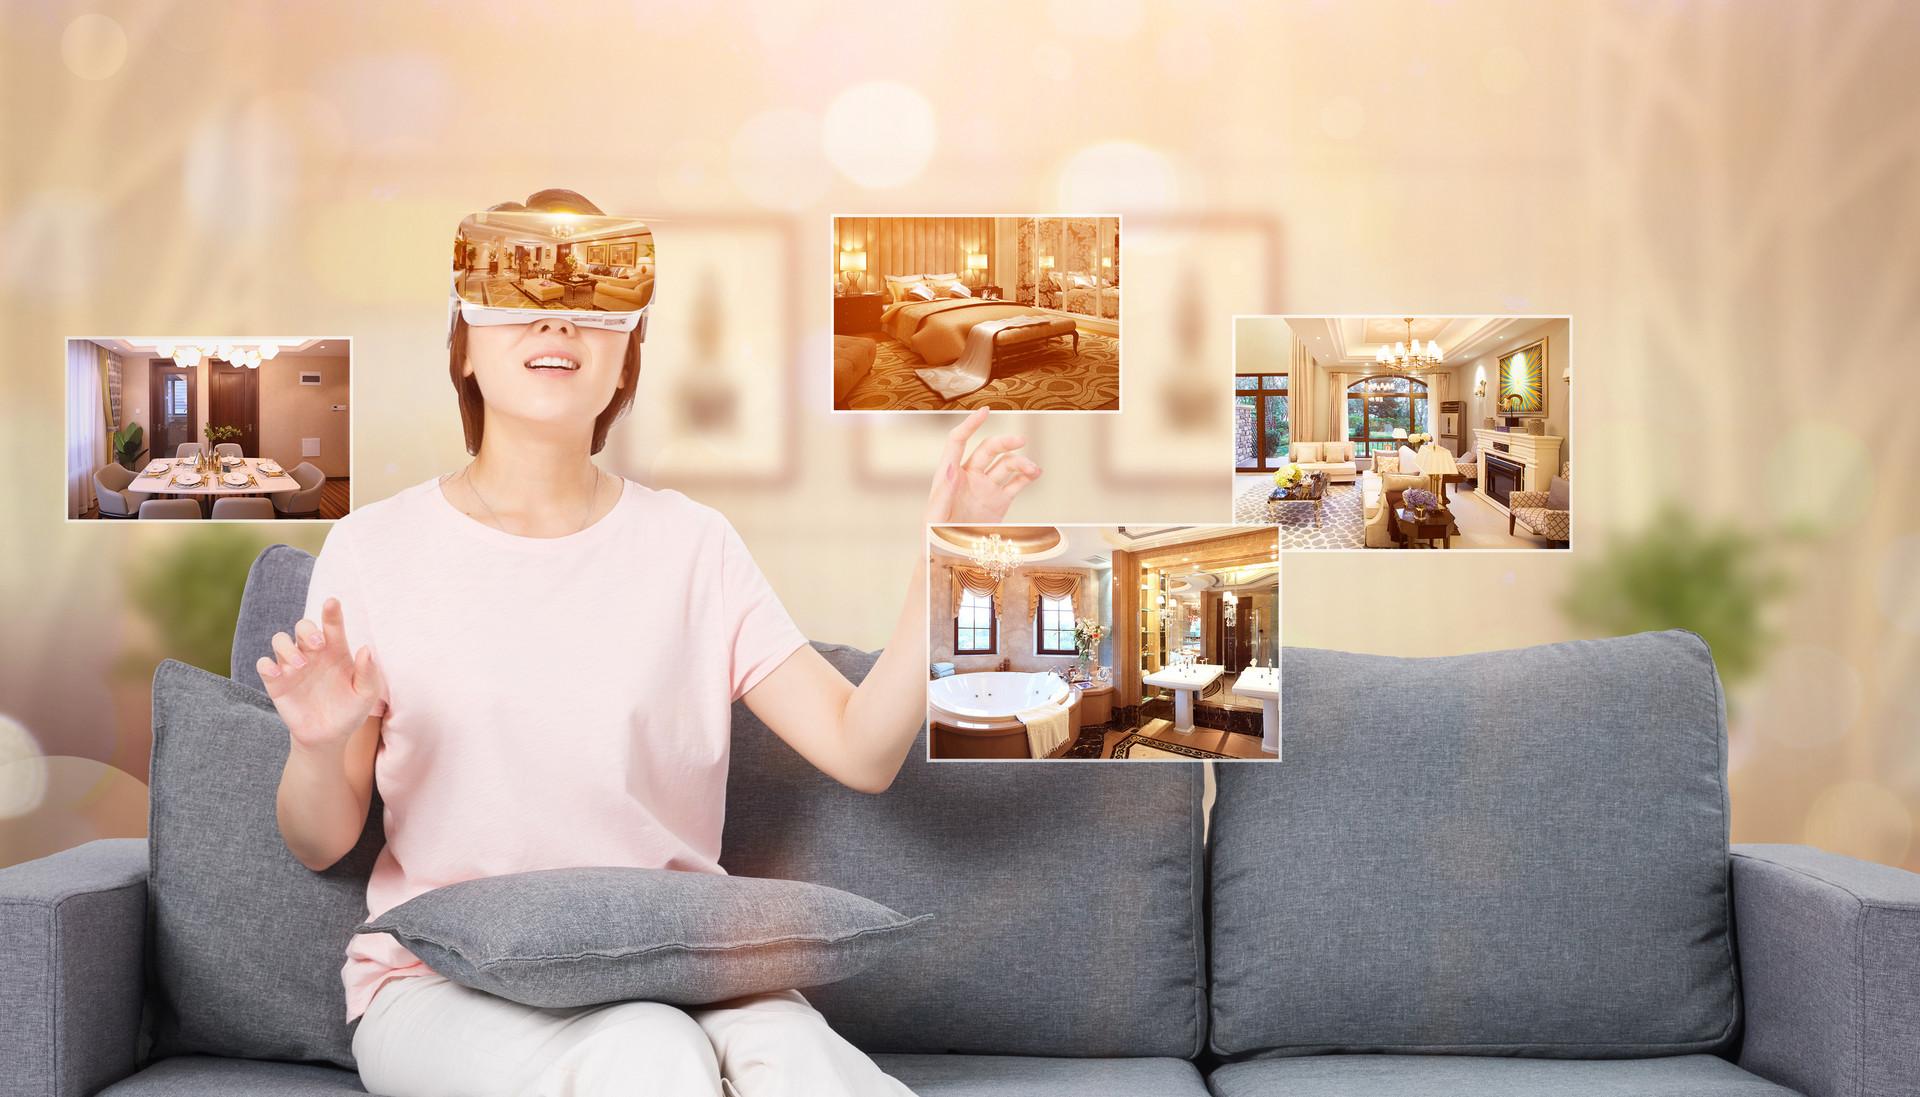 疫情影响地产业务搁置,VR云端看房来啦